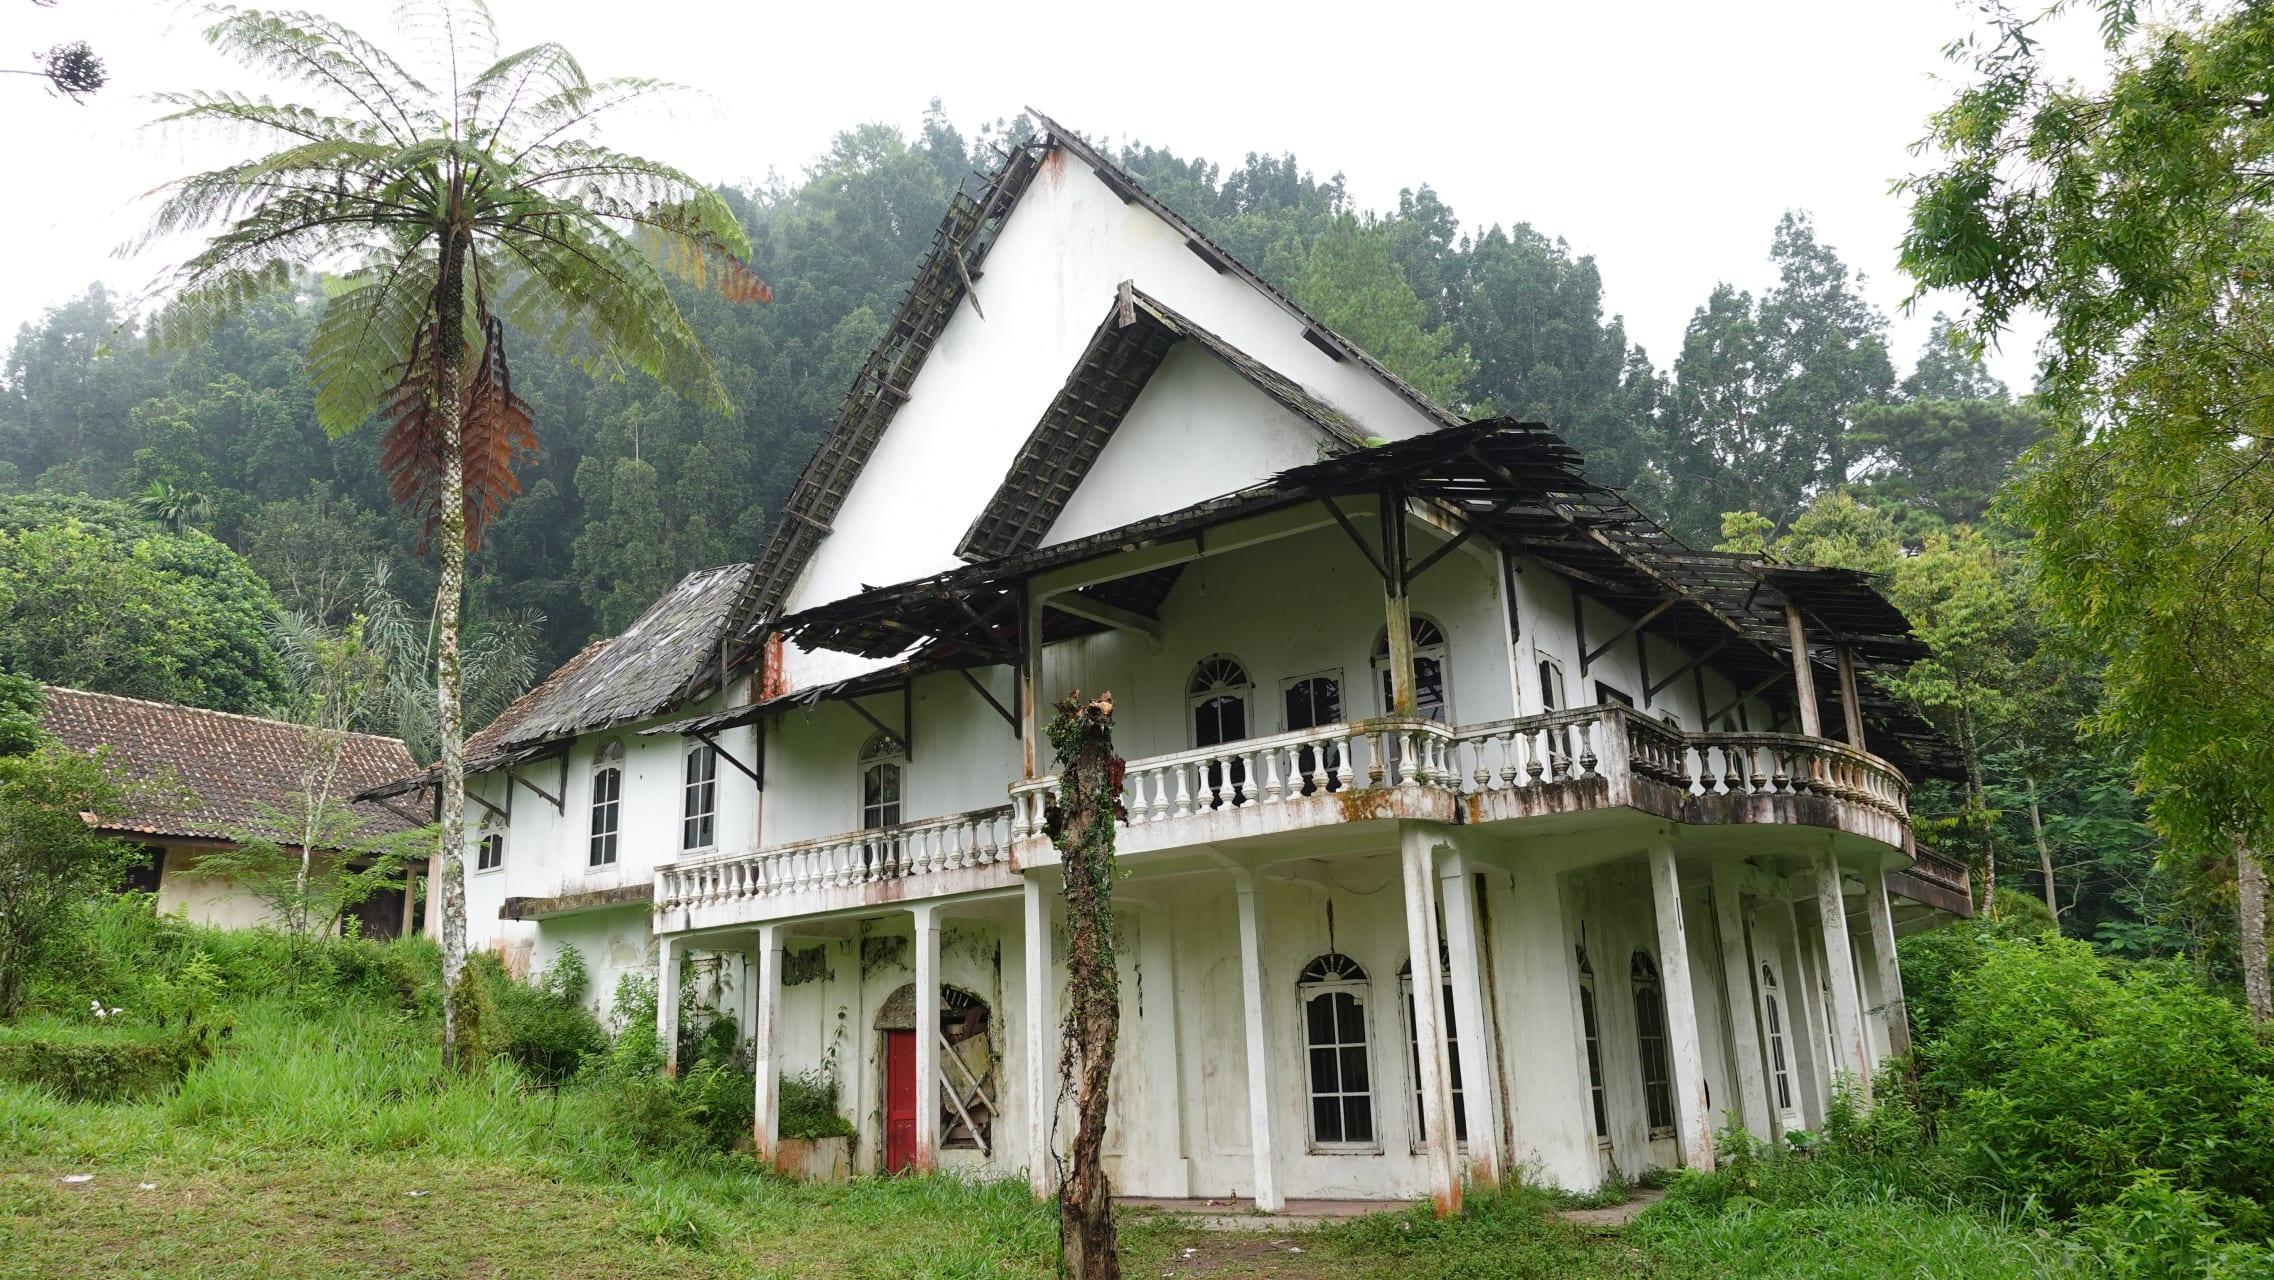 Yogyakarta - Yogyakarta's Haunted House - Part 1